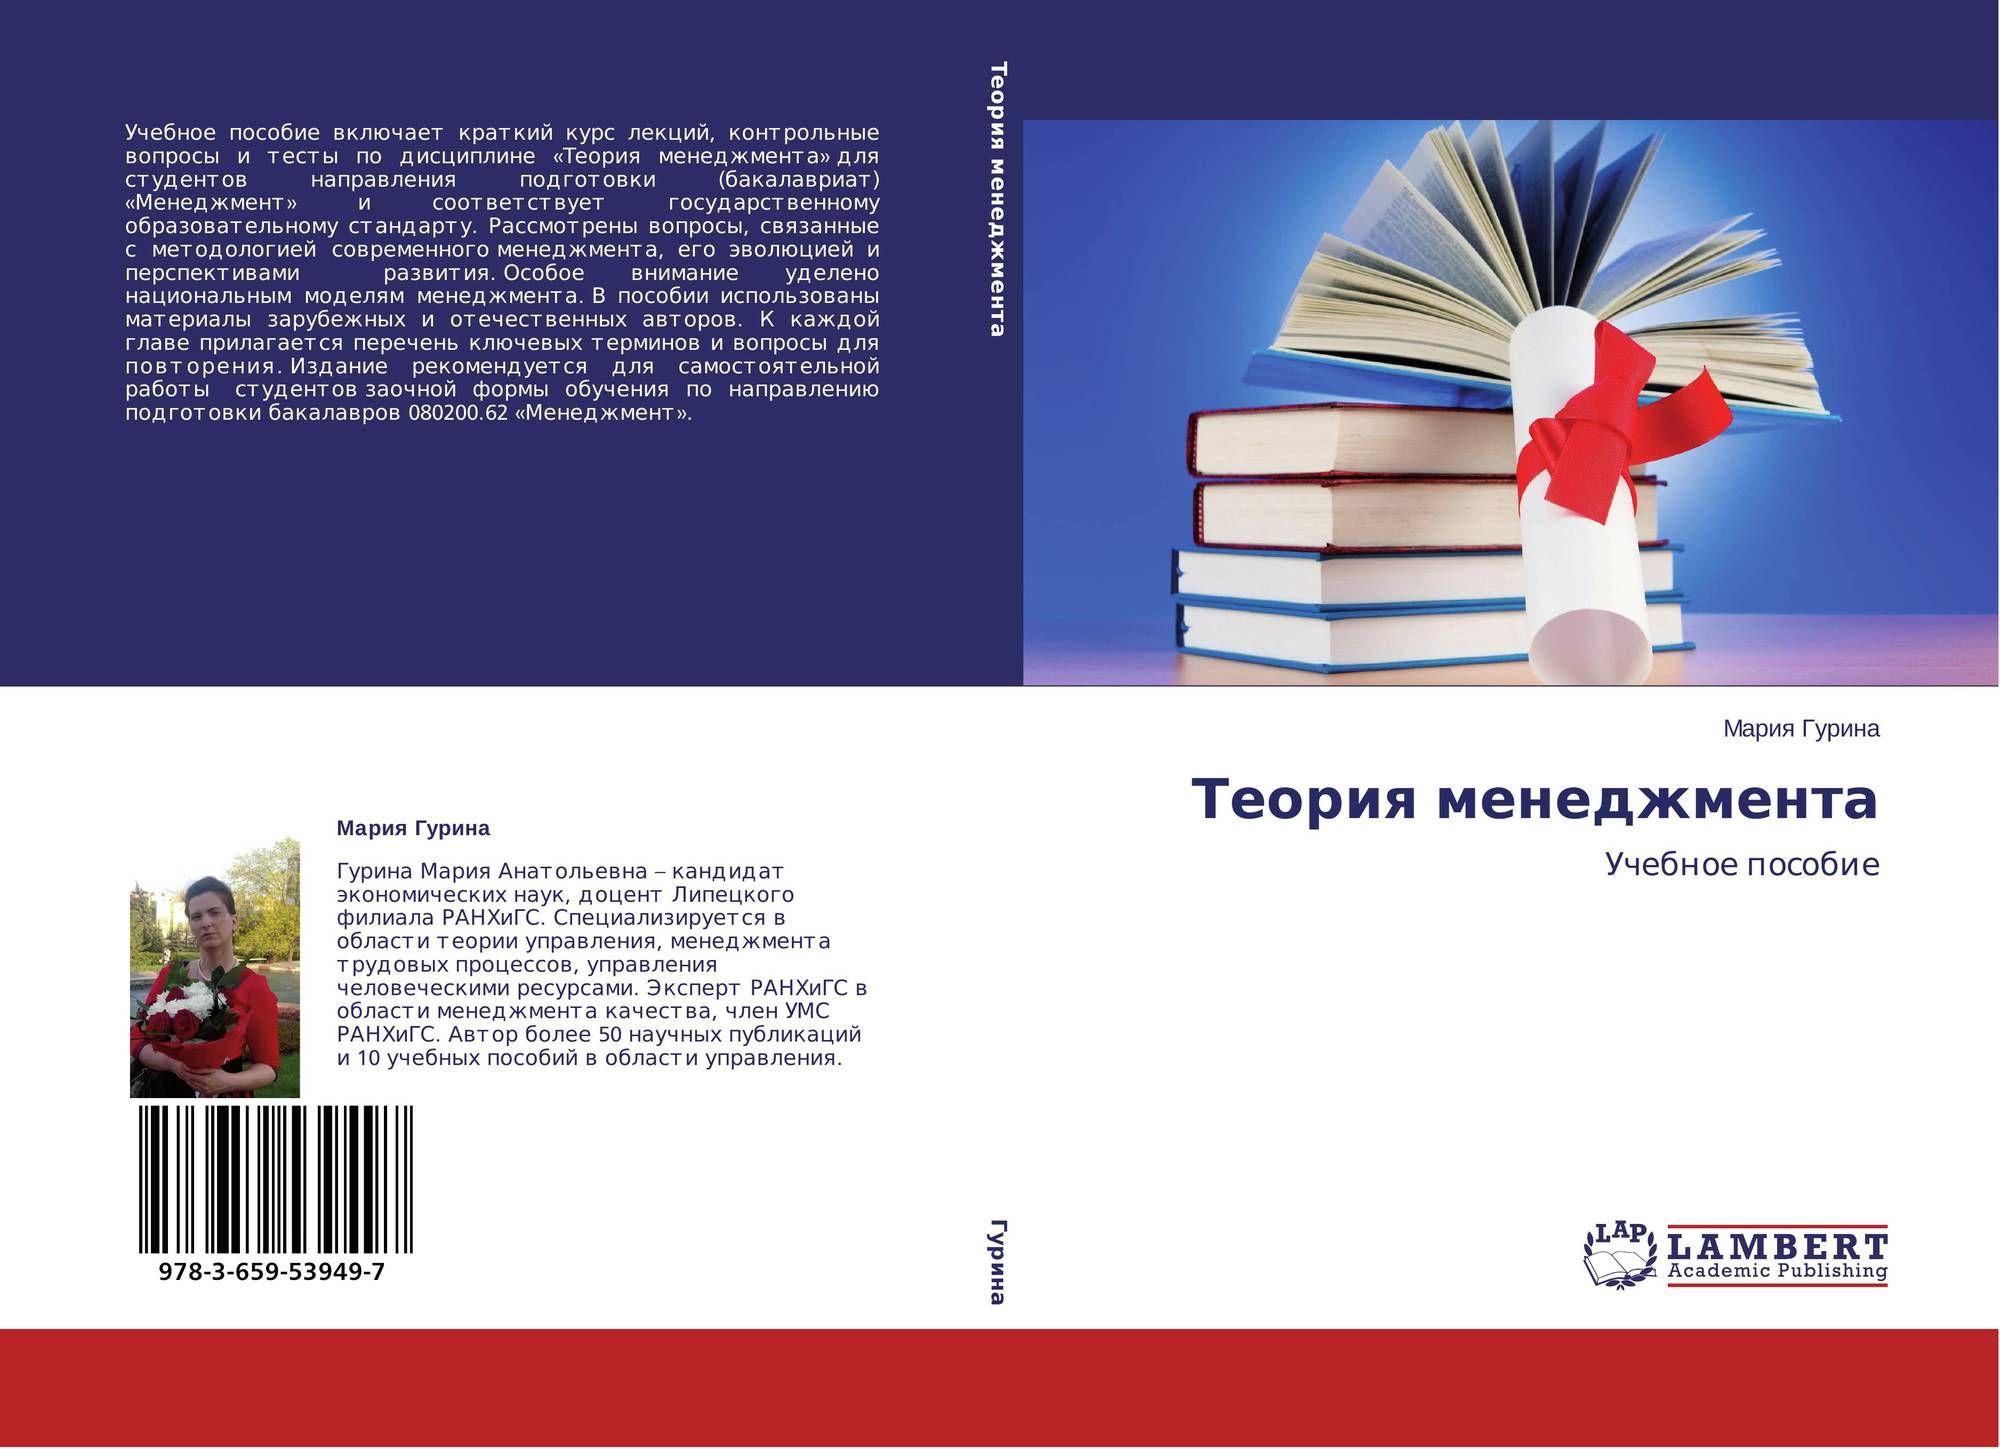 Итоговая контрольная работа по математике класс четверть школа  Итоговая контрольная работа по математике 3 класс 2 четверть школа россии